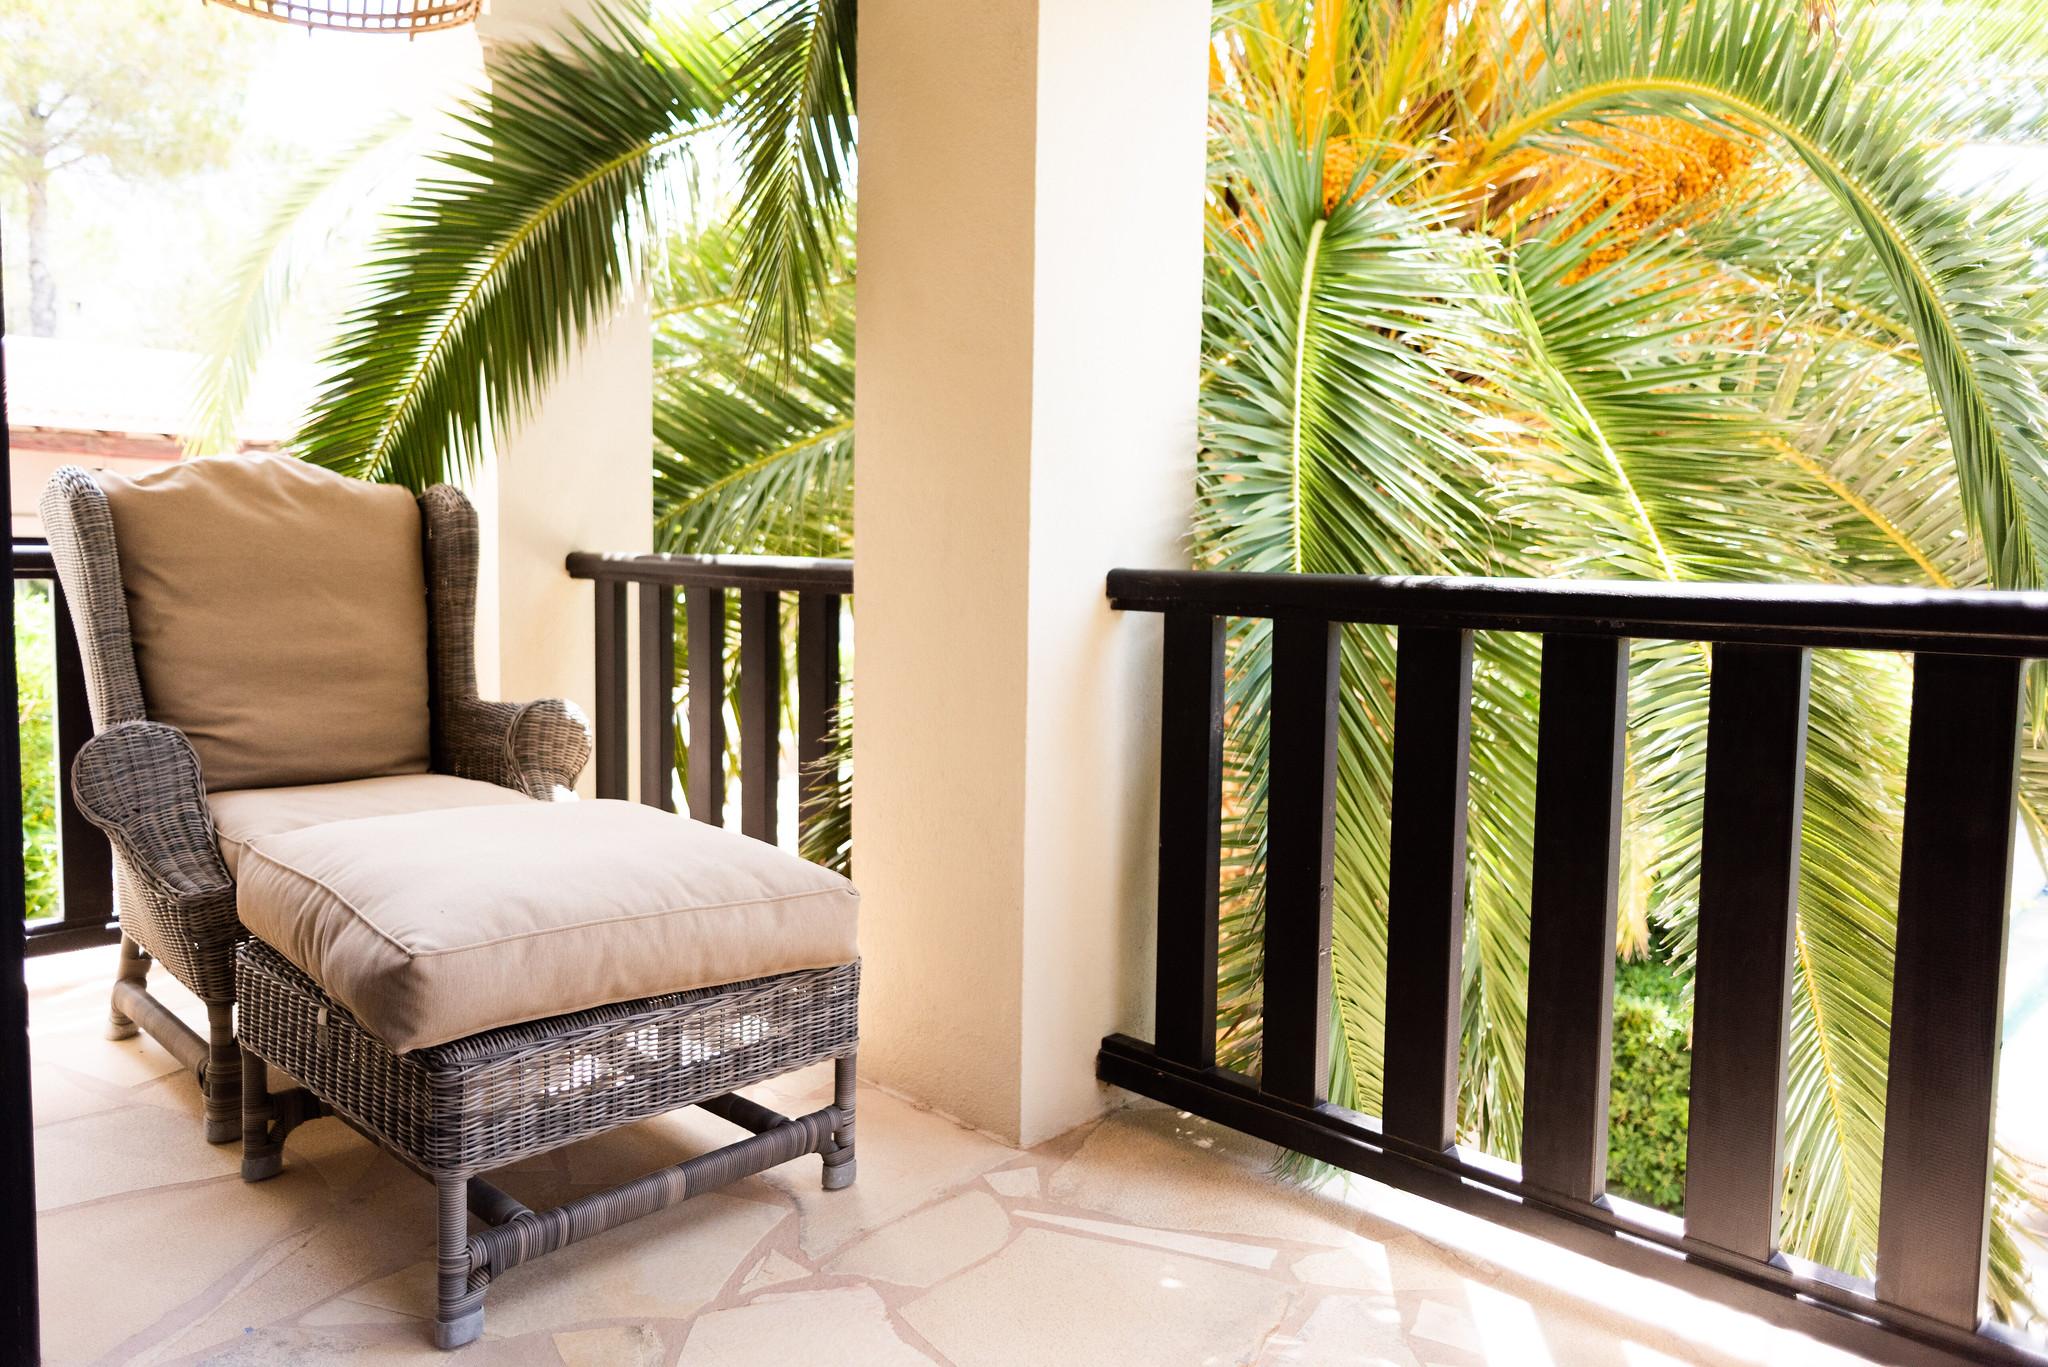 https://www.white-ibiza.com/wp-content/uploads/2020/05/white-ibiza-villas-can-riviere-interior-master-terrace.jpg